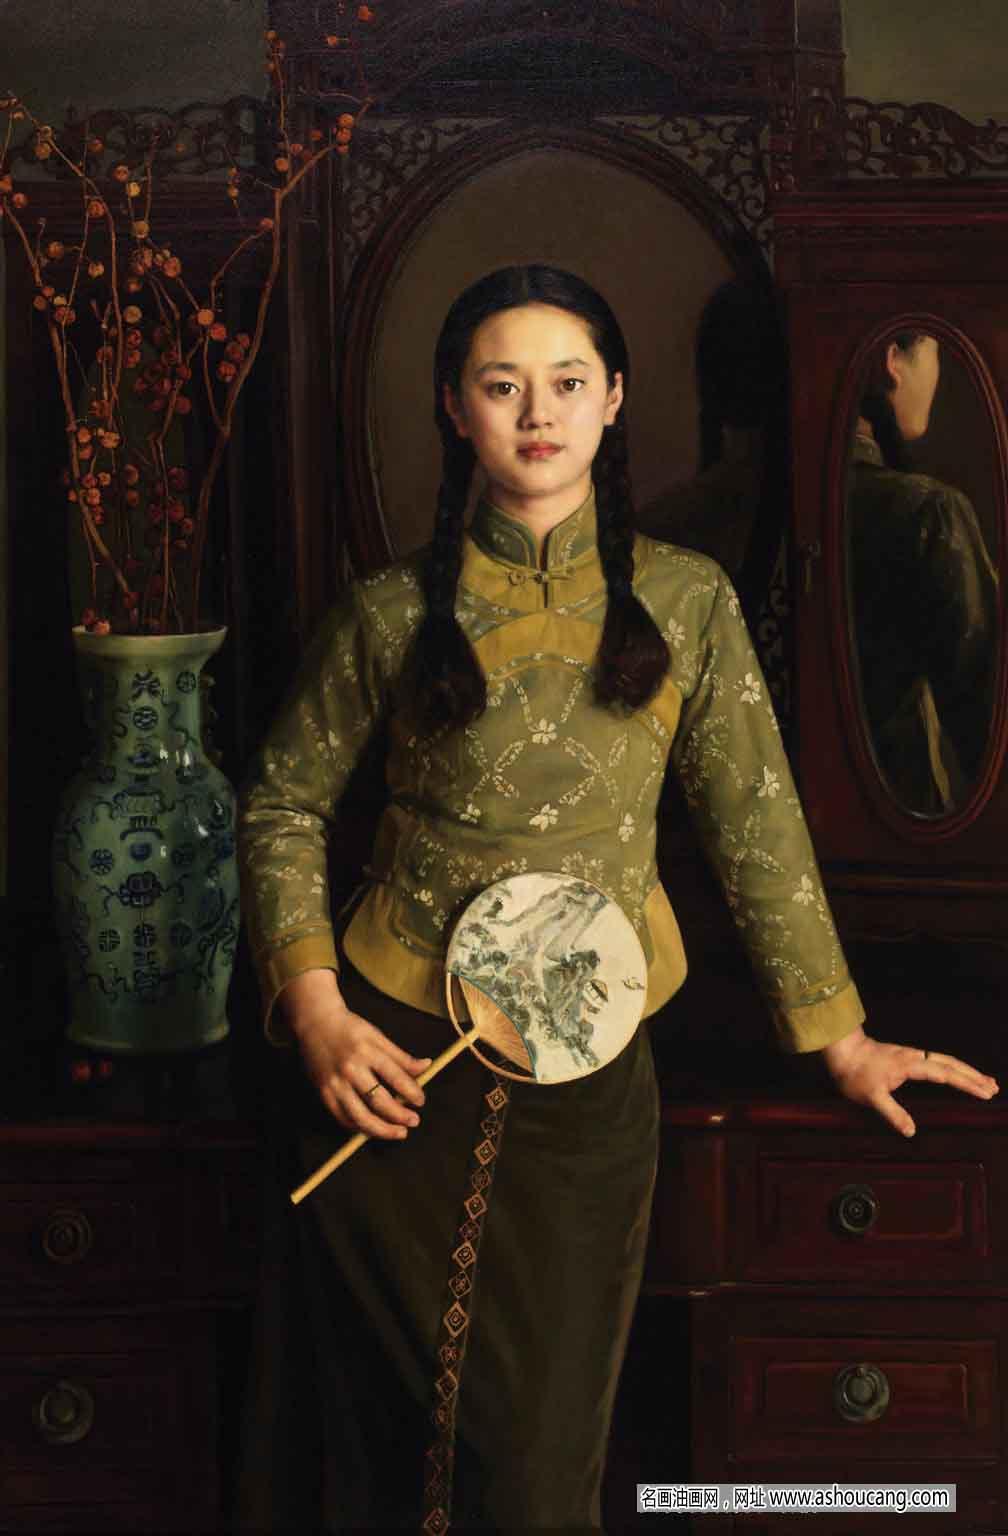 杨飞云油画人物作品《遗韵》欣赏 高清大图